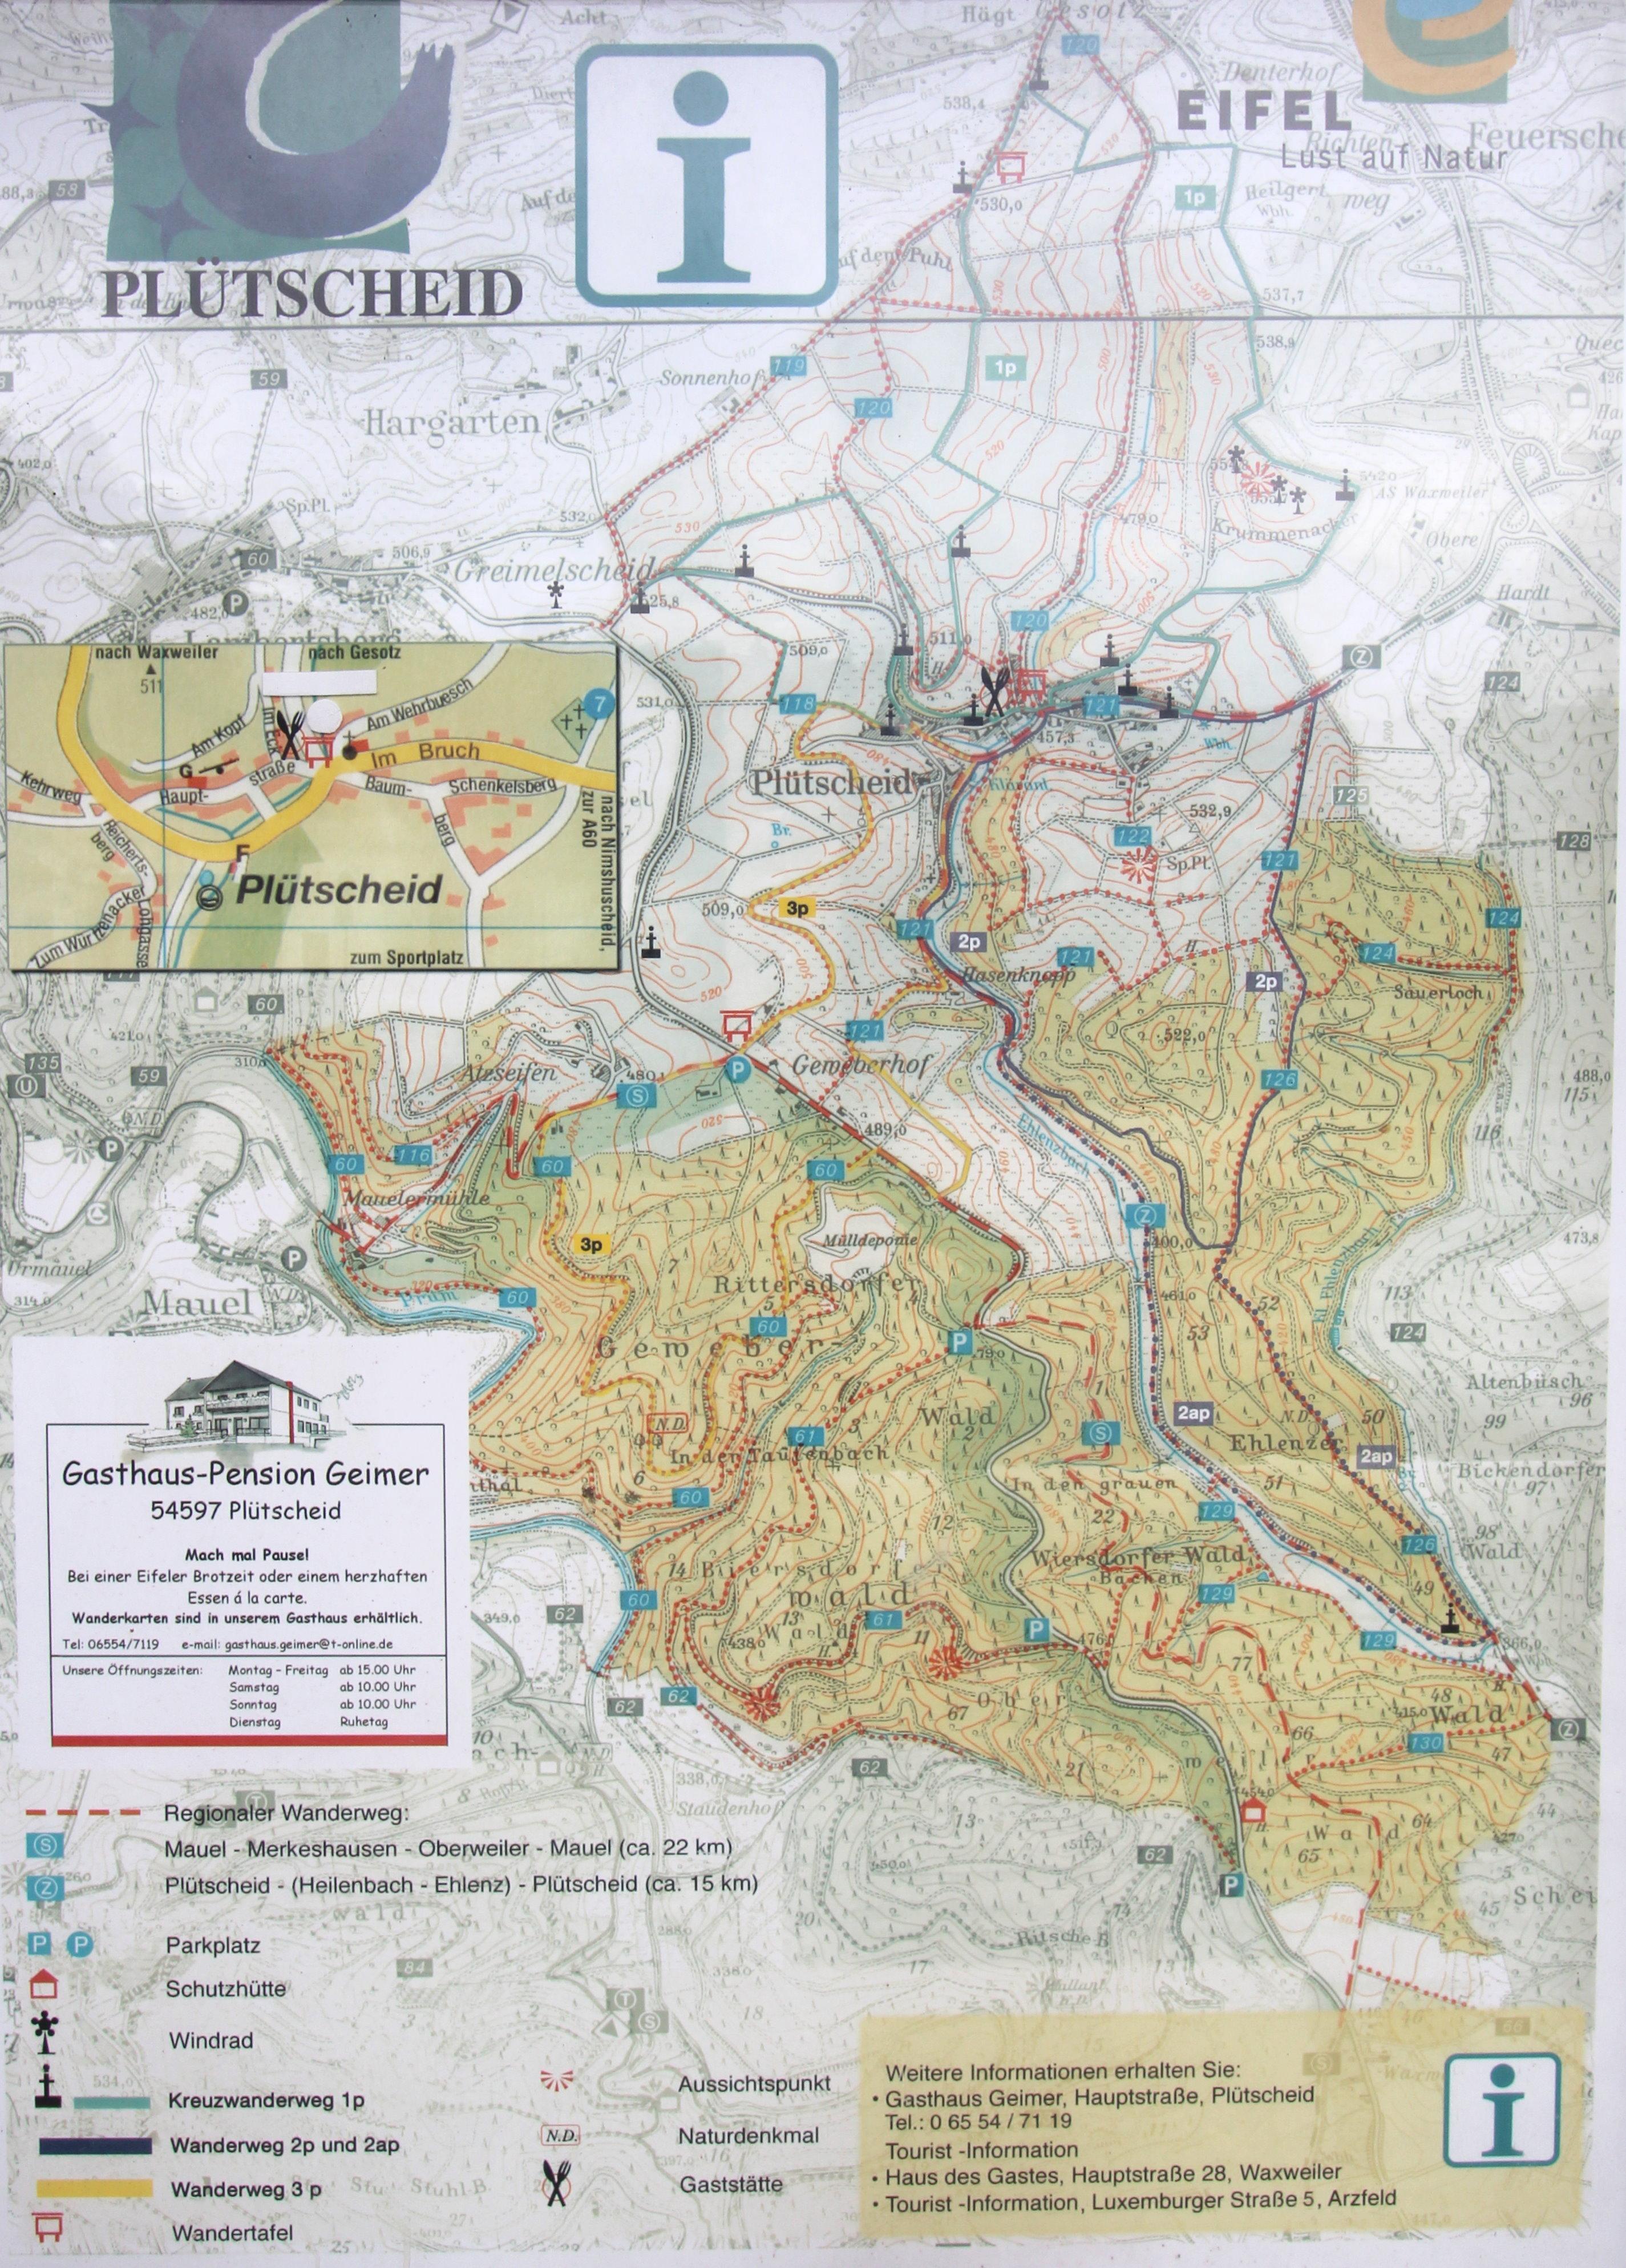 Karte Eifel.File Plütscheid Eifel Karte Wanderwege B Jpg Wikimedia Commons